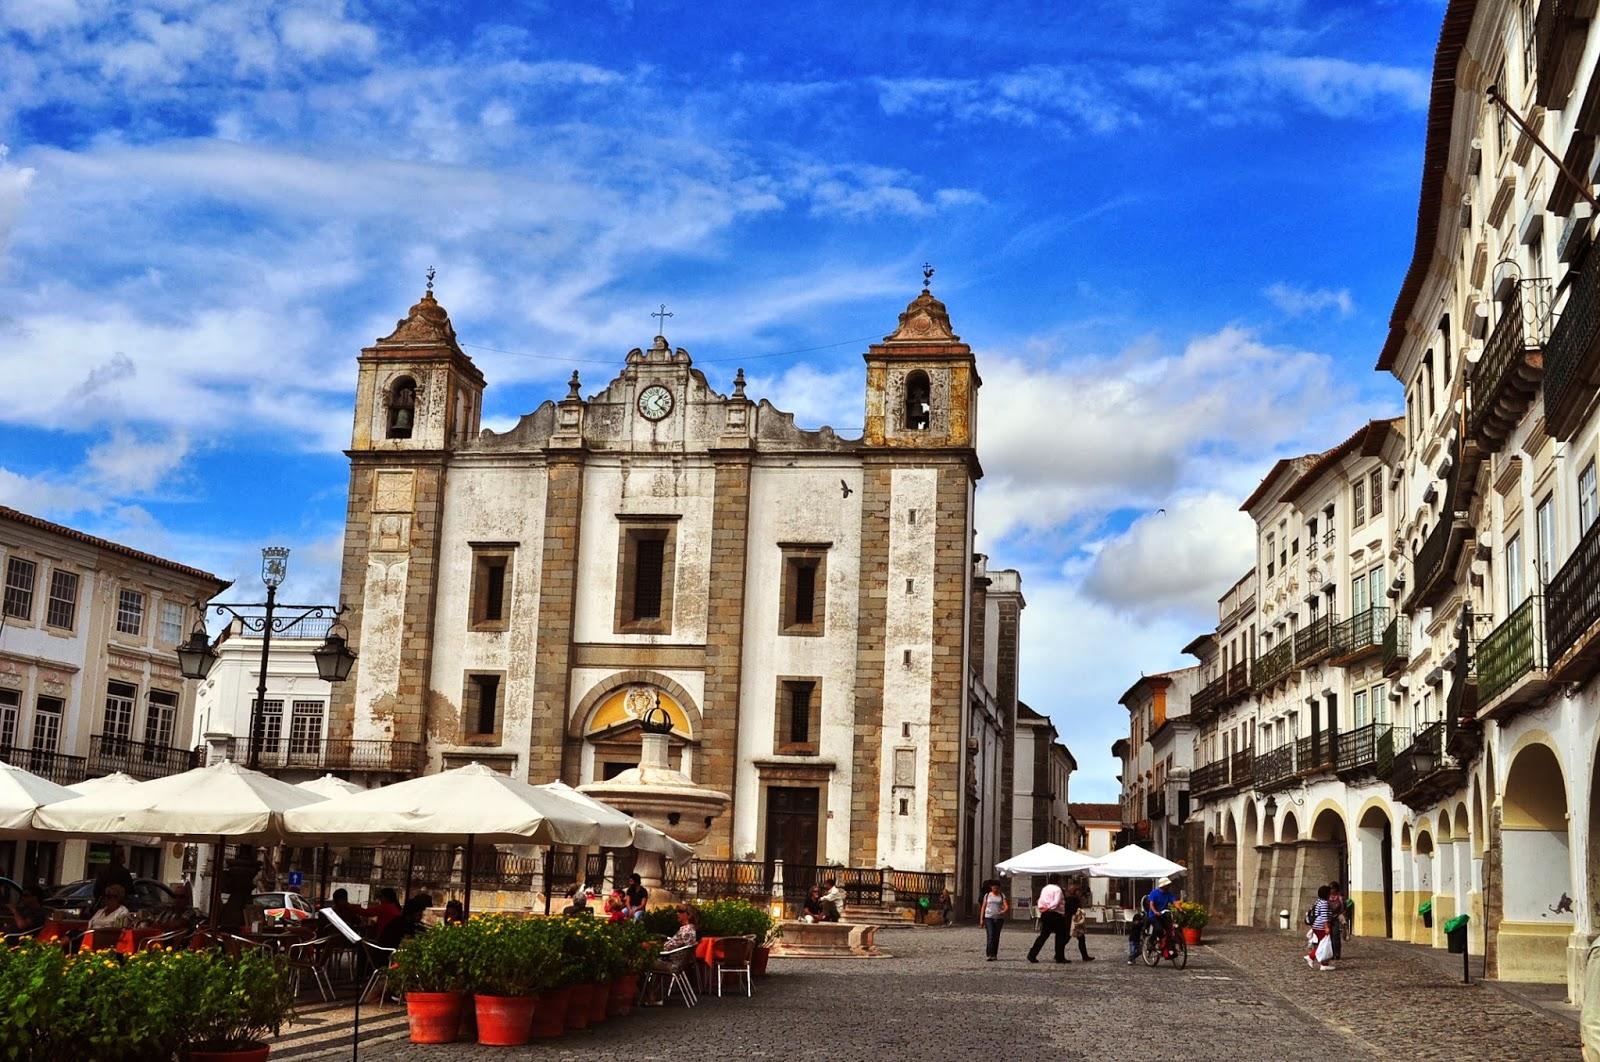 Централният площад Праса до Жиралдо в Евора